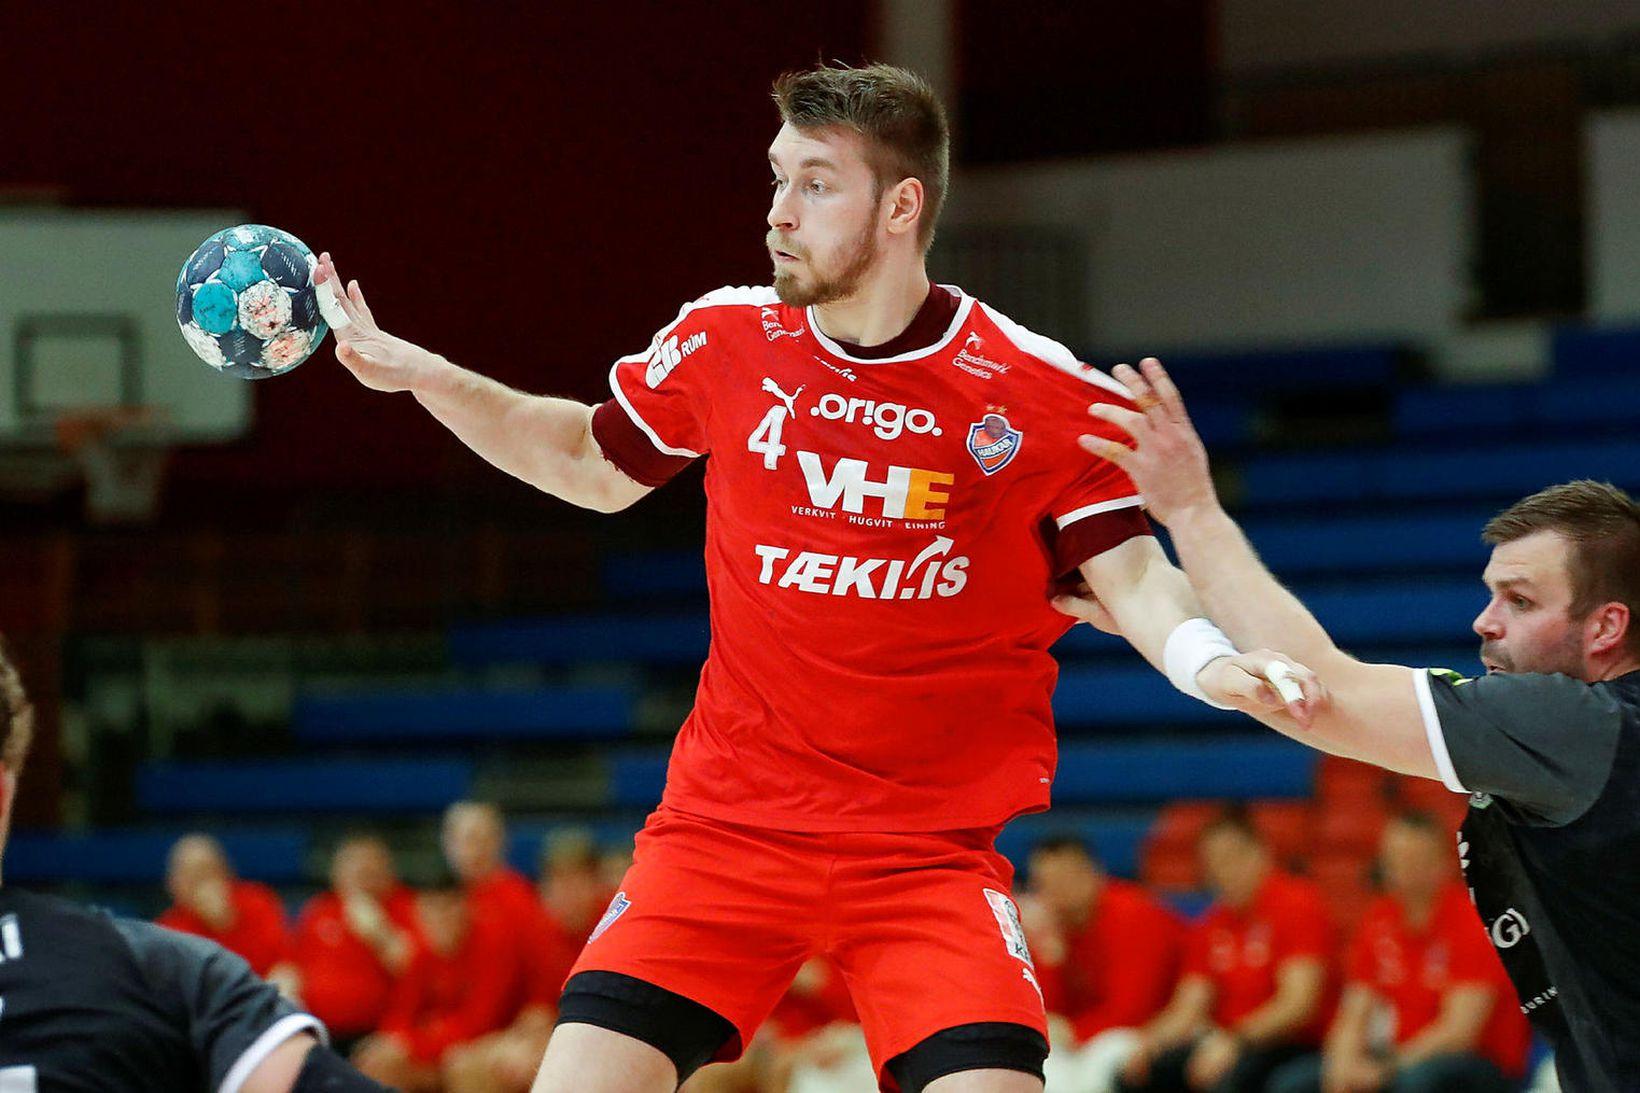 Adam Haukur Baumruk skoraði 6 mörk fyrir Hauka í kvöld.